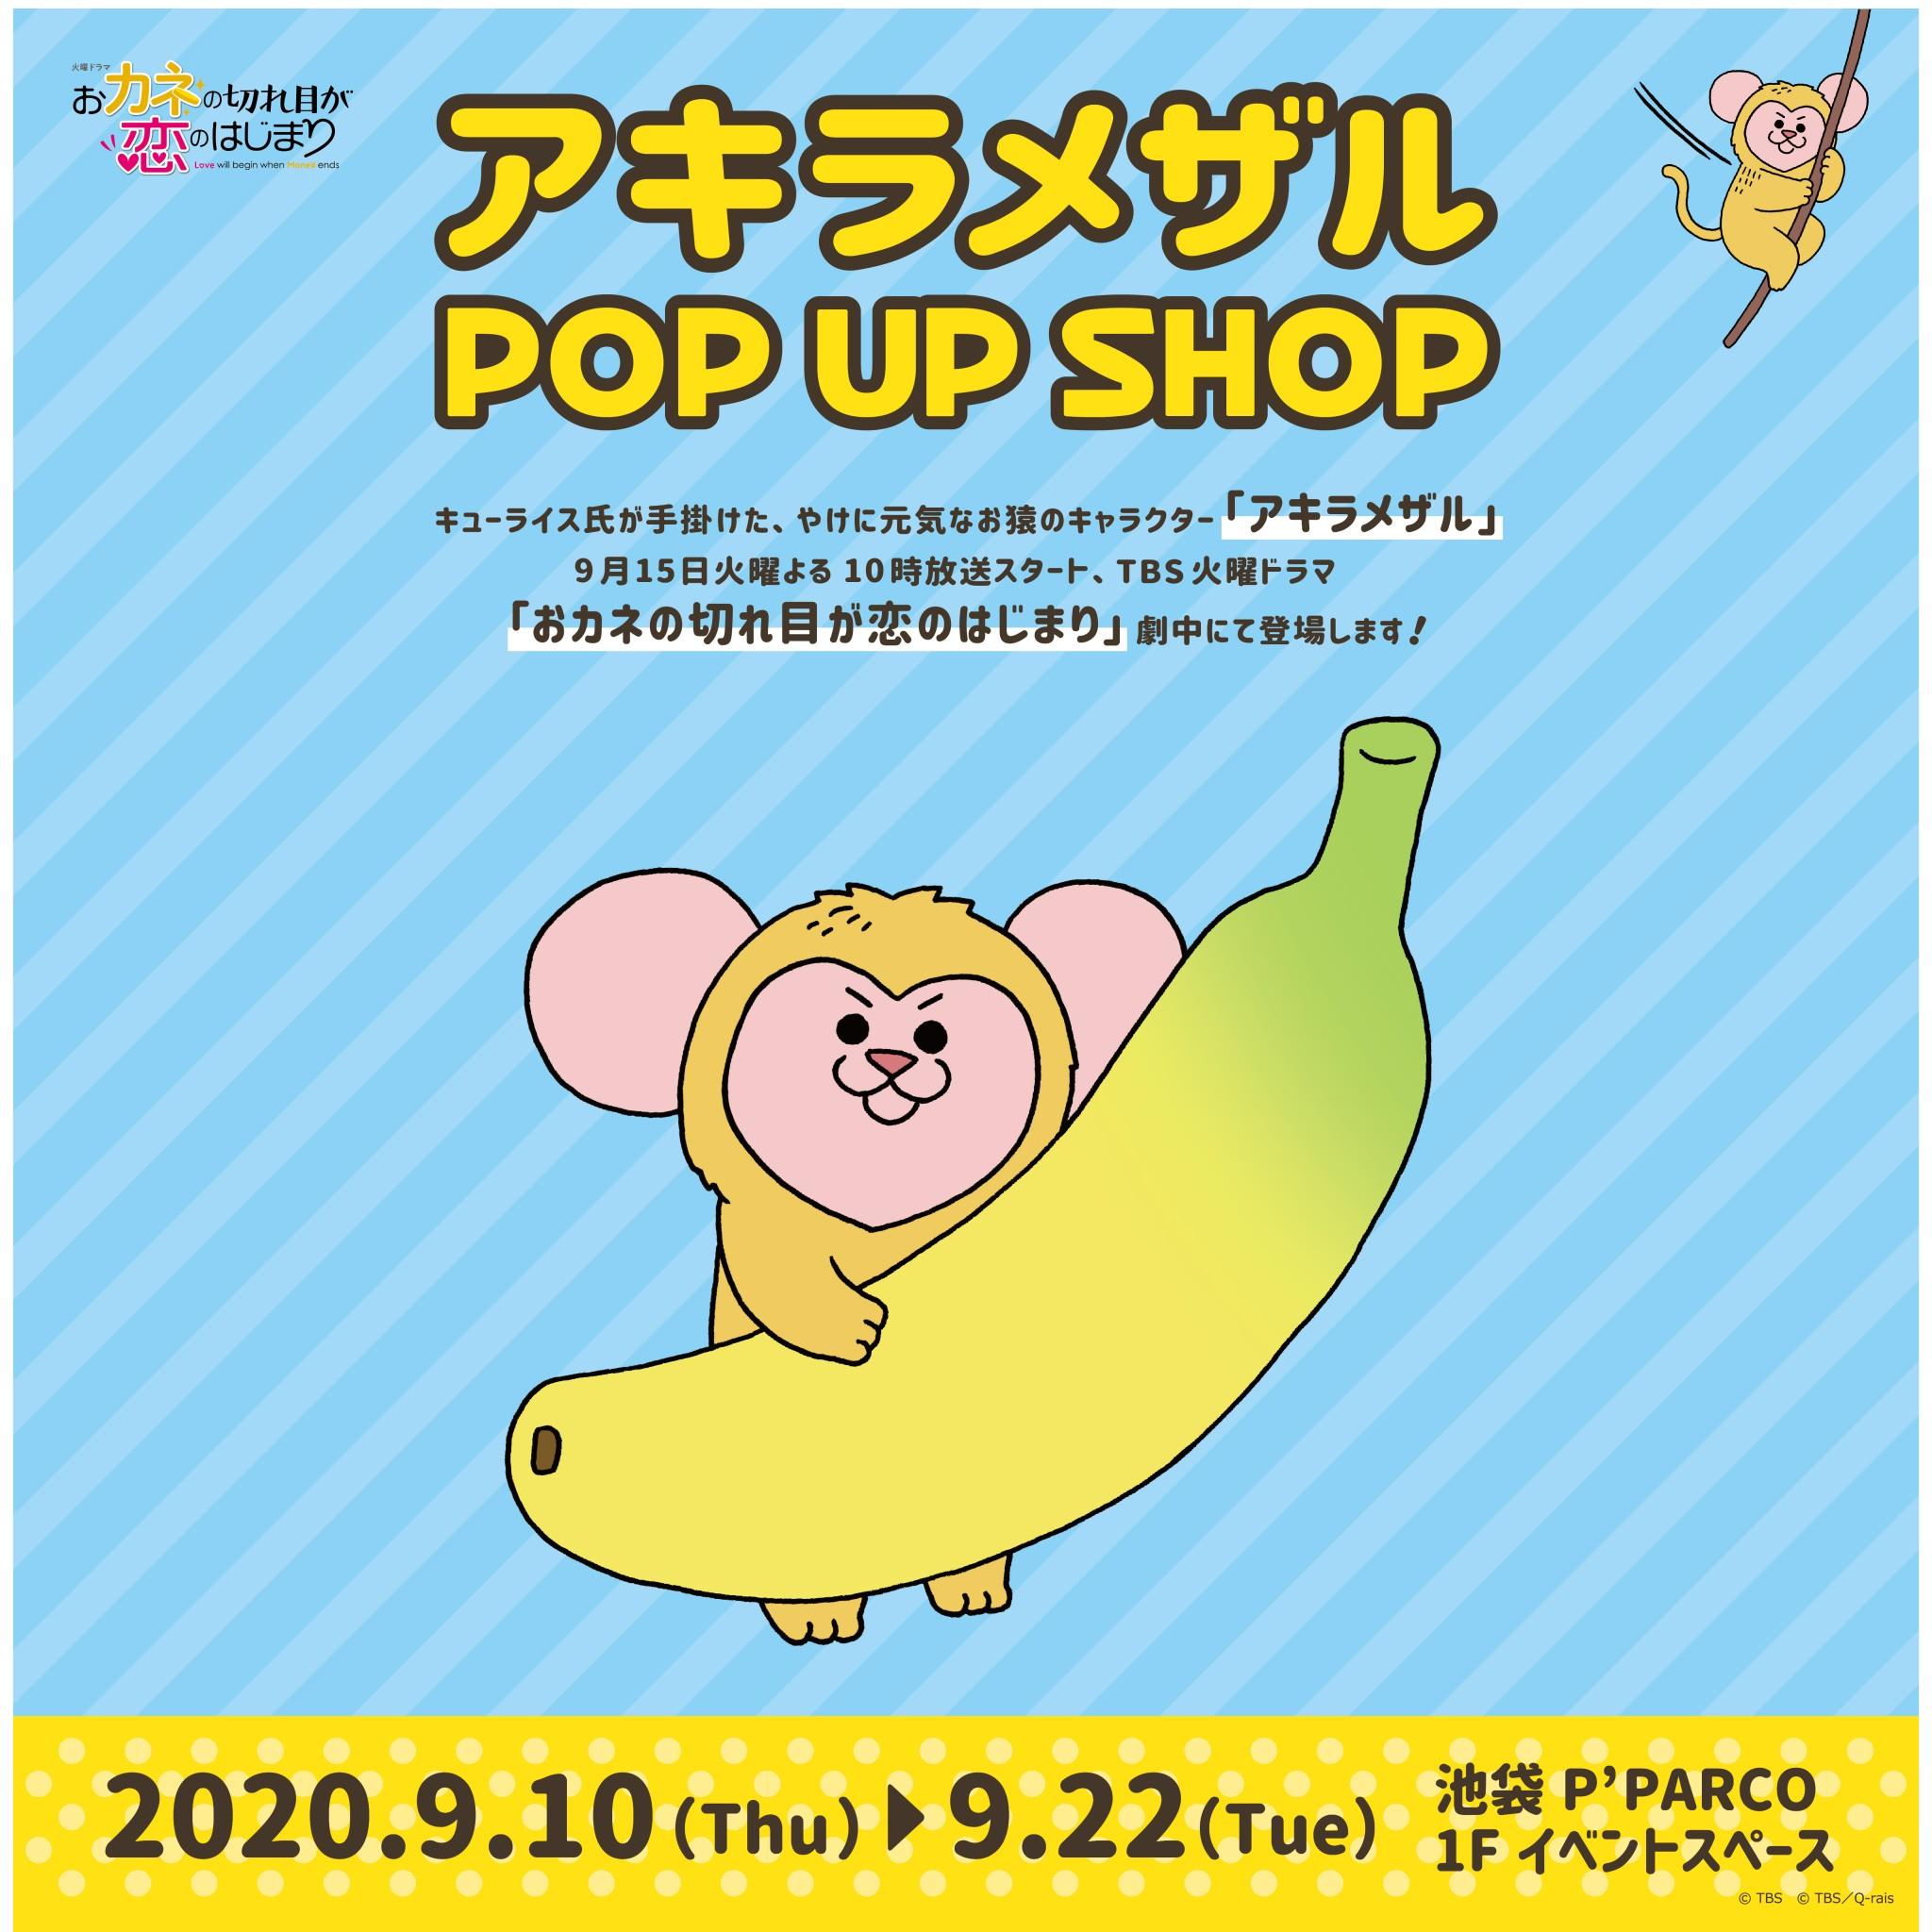 9月13日 アキラメザルPOP UP SHOP